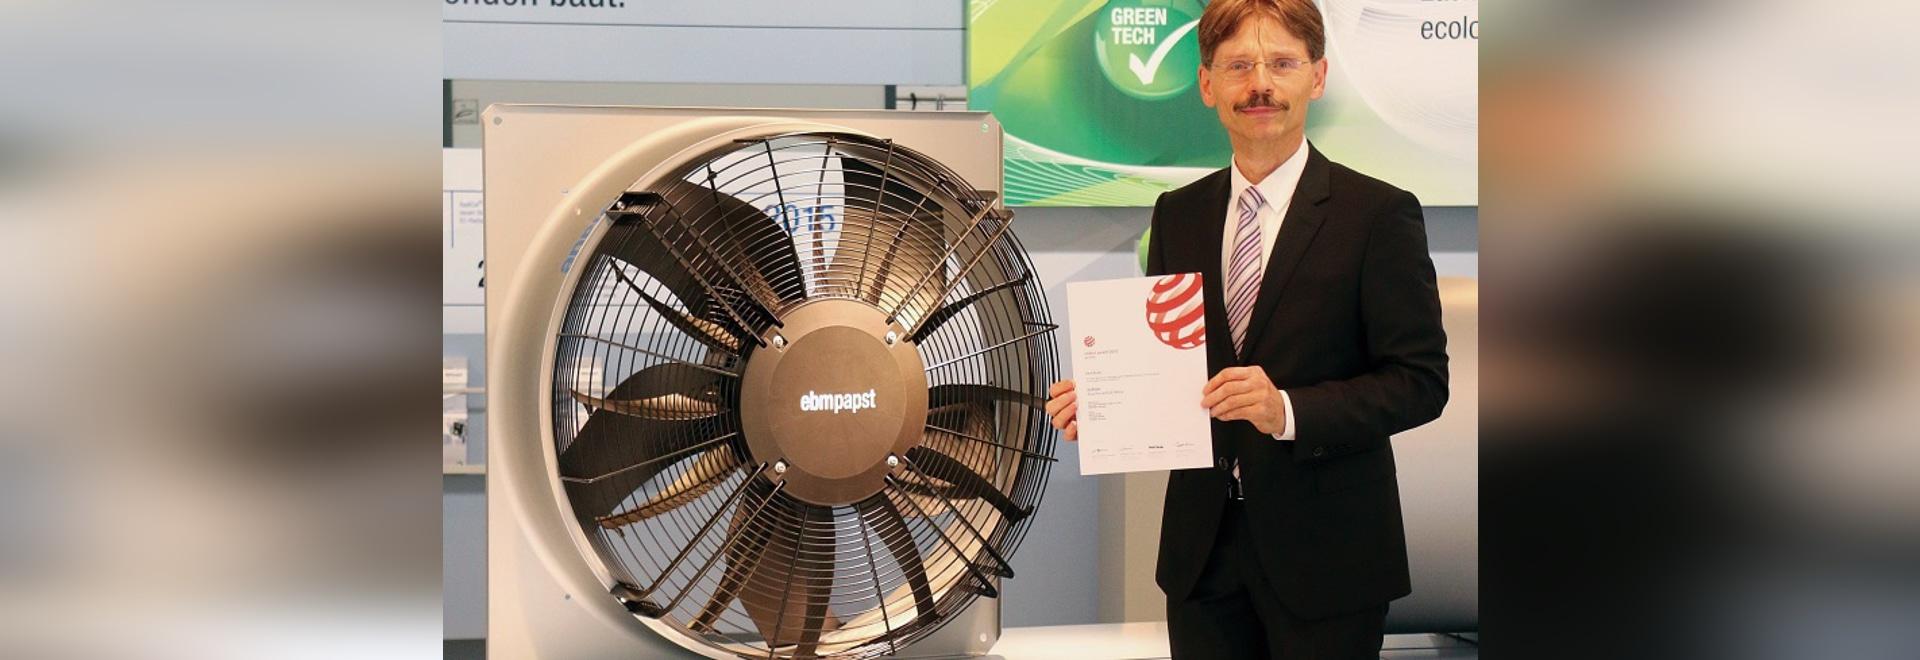 Thomas Sauer, Abteilungsleiter Entwicklung Bereich B und Elektronik bei ebm-papst nahm die Design-Auszeichnung stellvertretend entgegen.